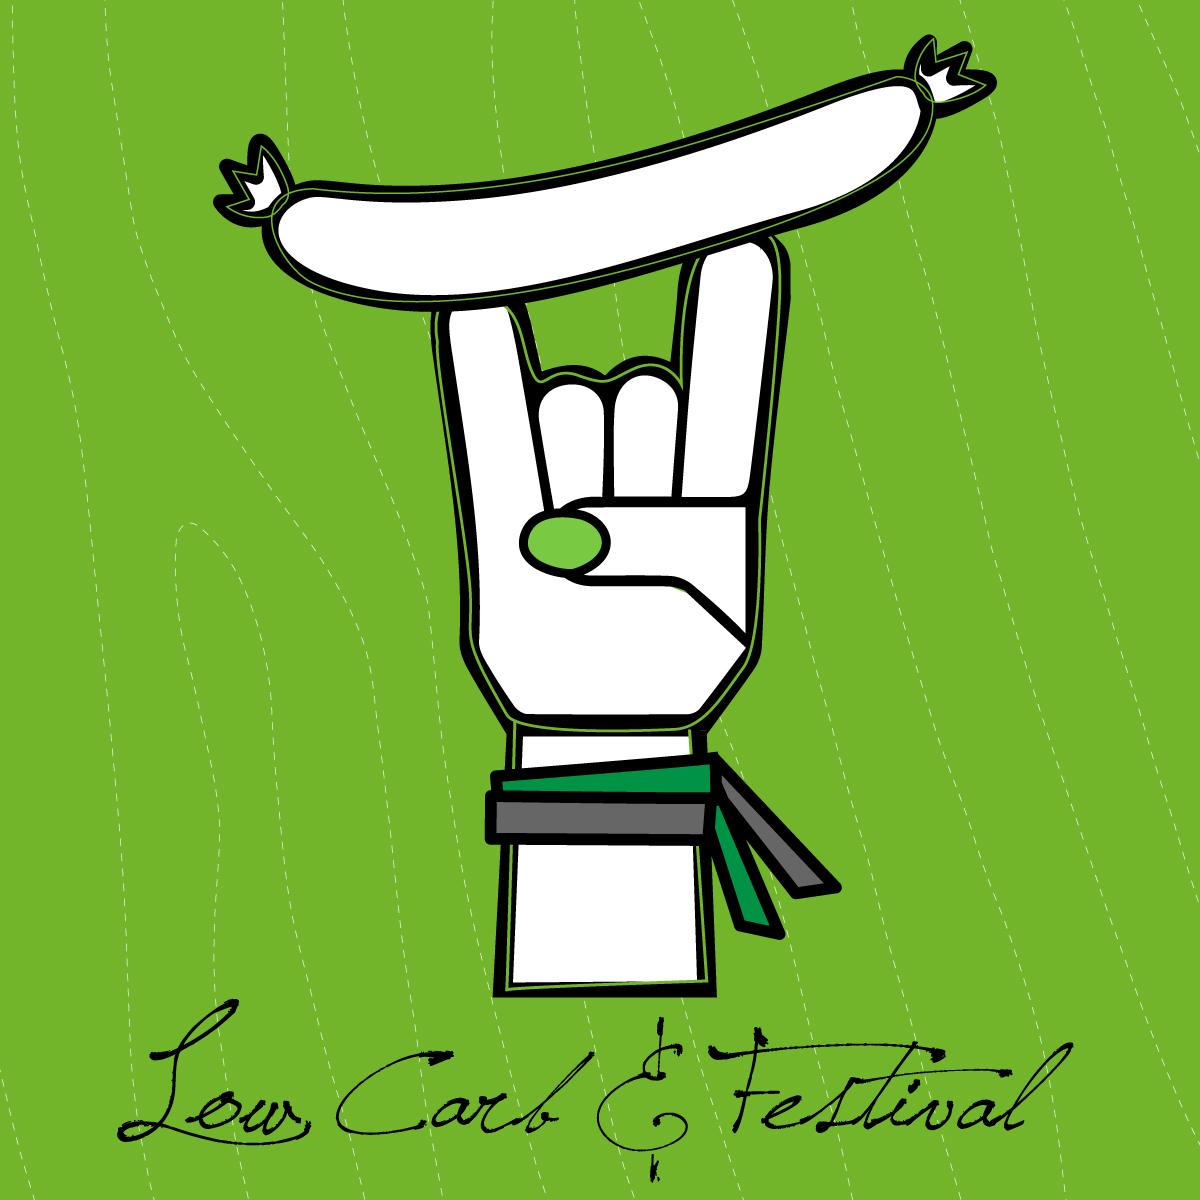 Festival und Low Carb. Was muss man beachten?